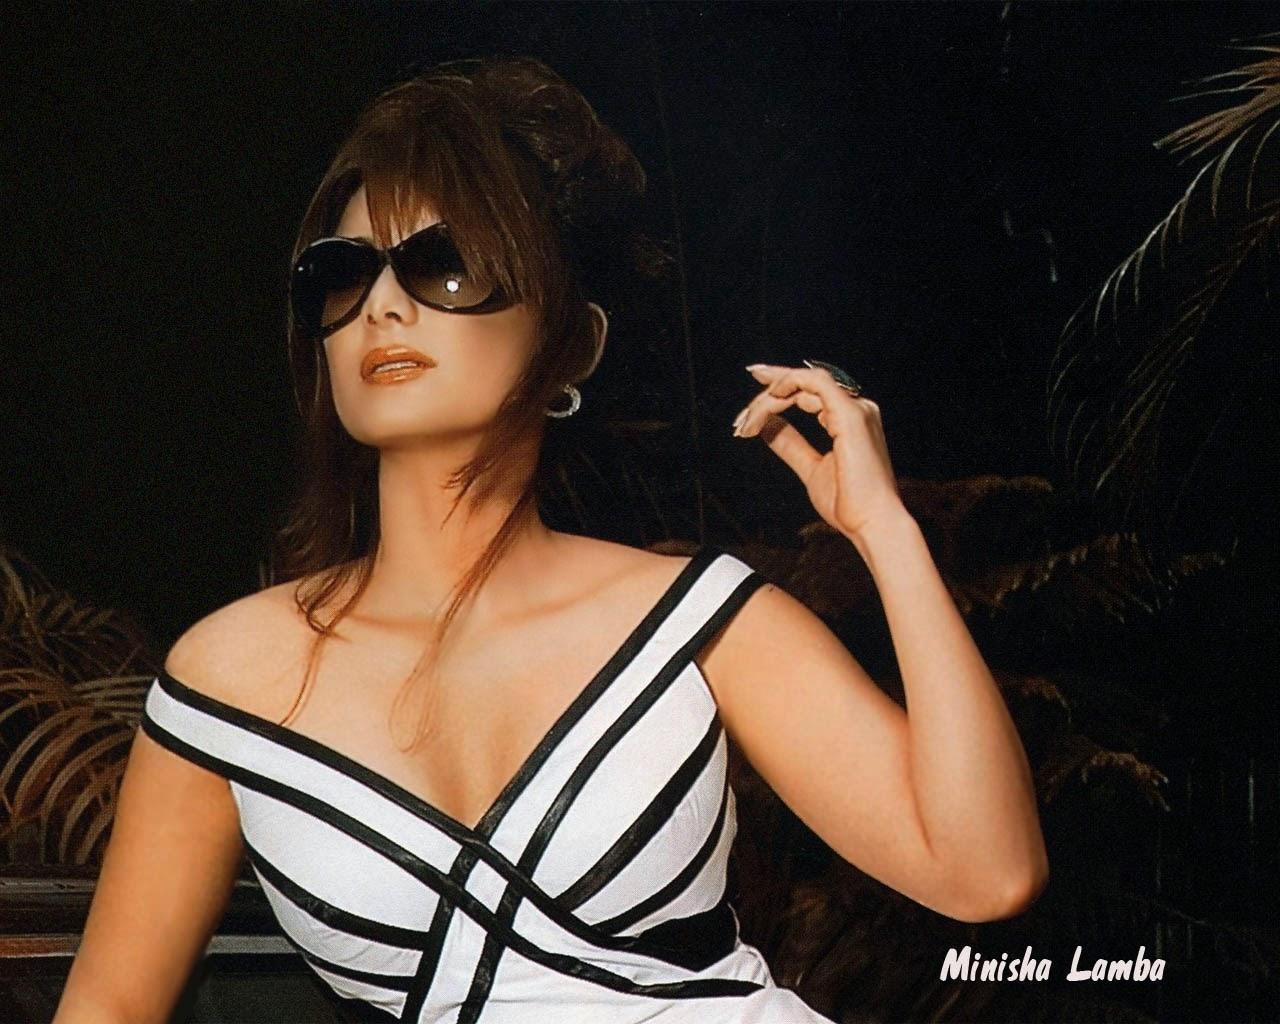 minisha lamba hot